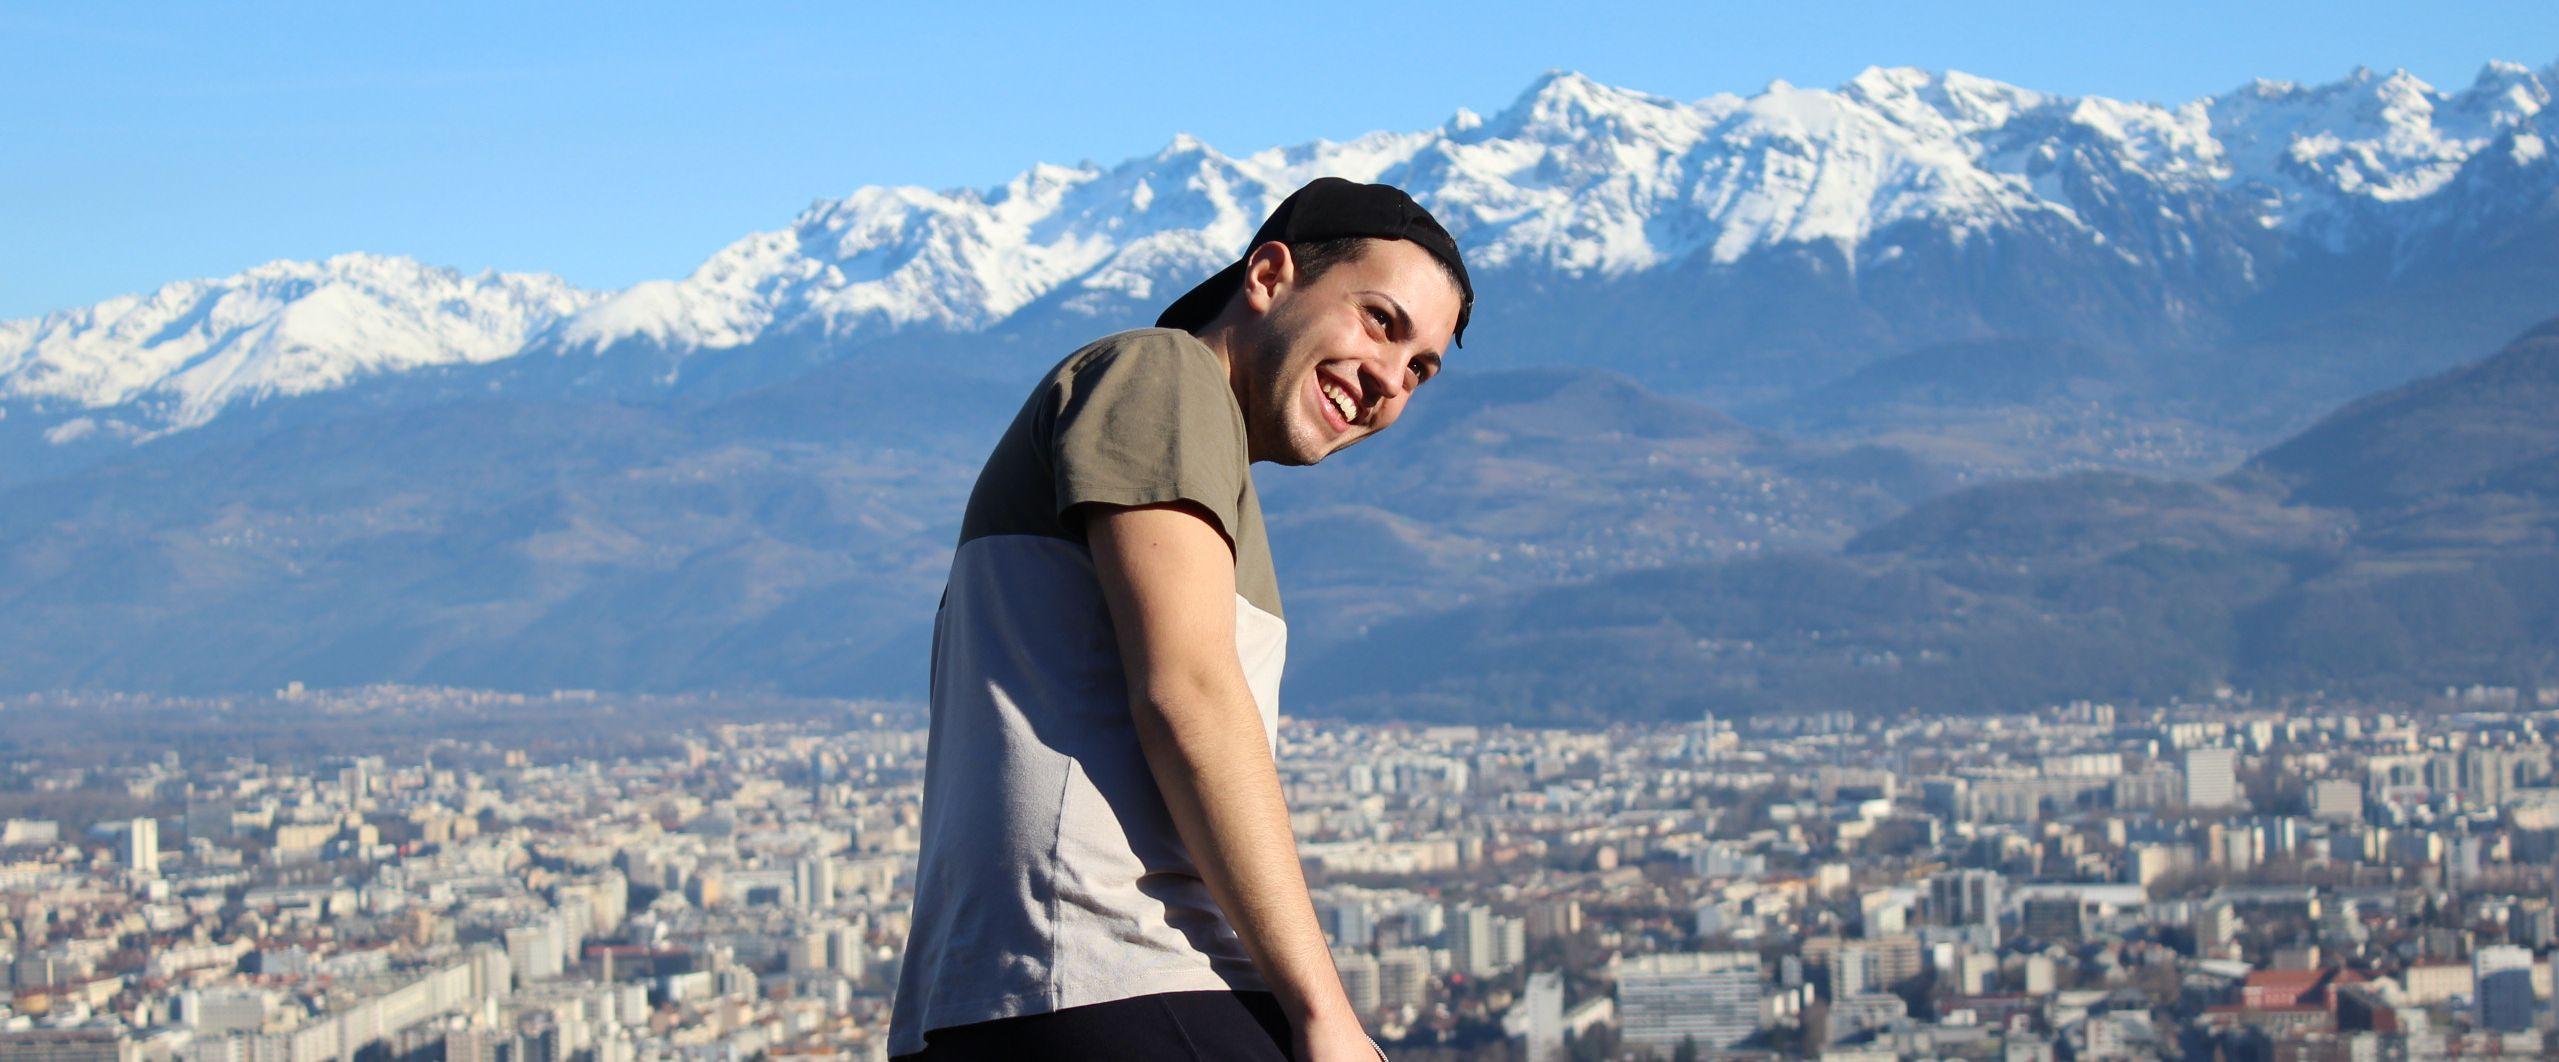 Tobi vor einer Landschaft. Ebene 1 Tobi. Ebene 2 Überblick der Stadt unten. Ebene 3 Alpenlandschaft.